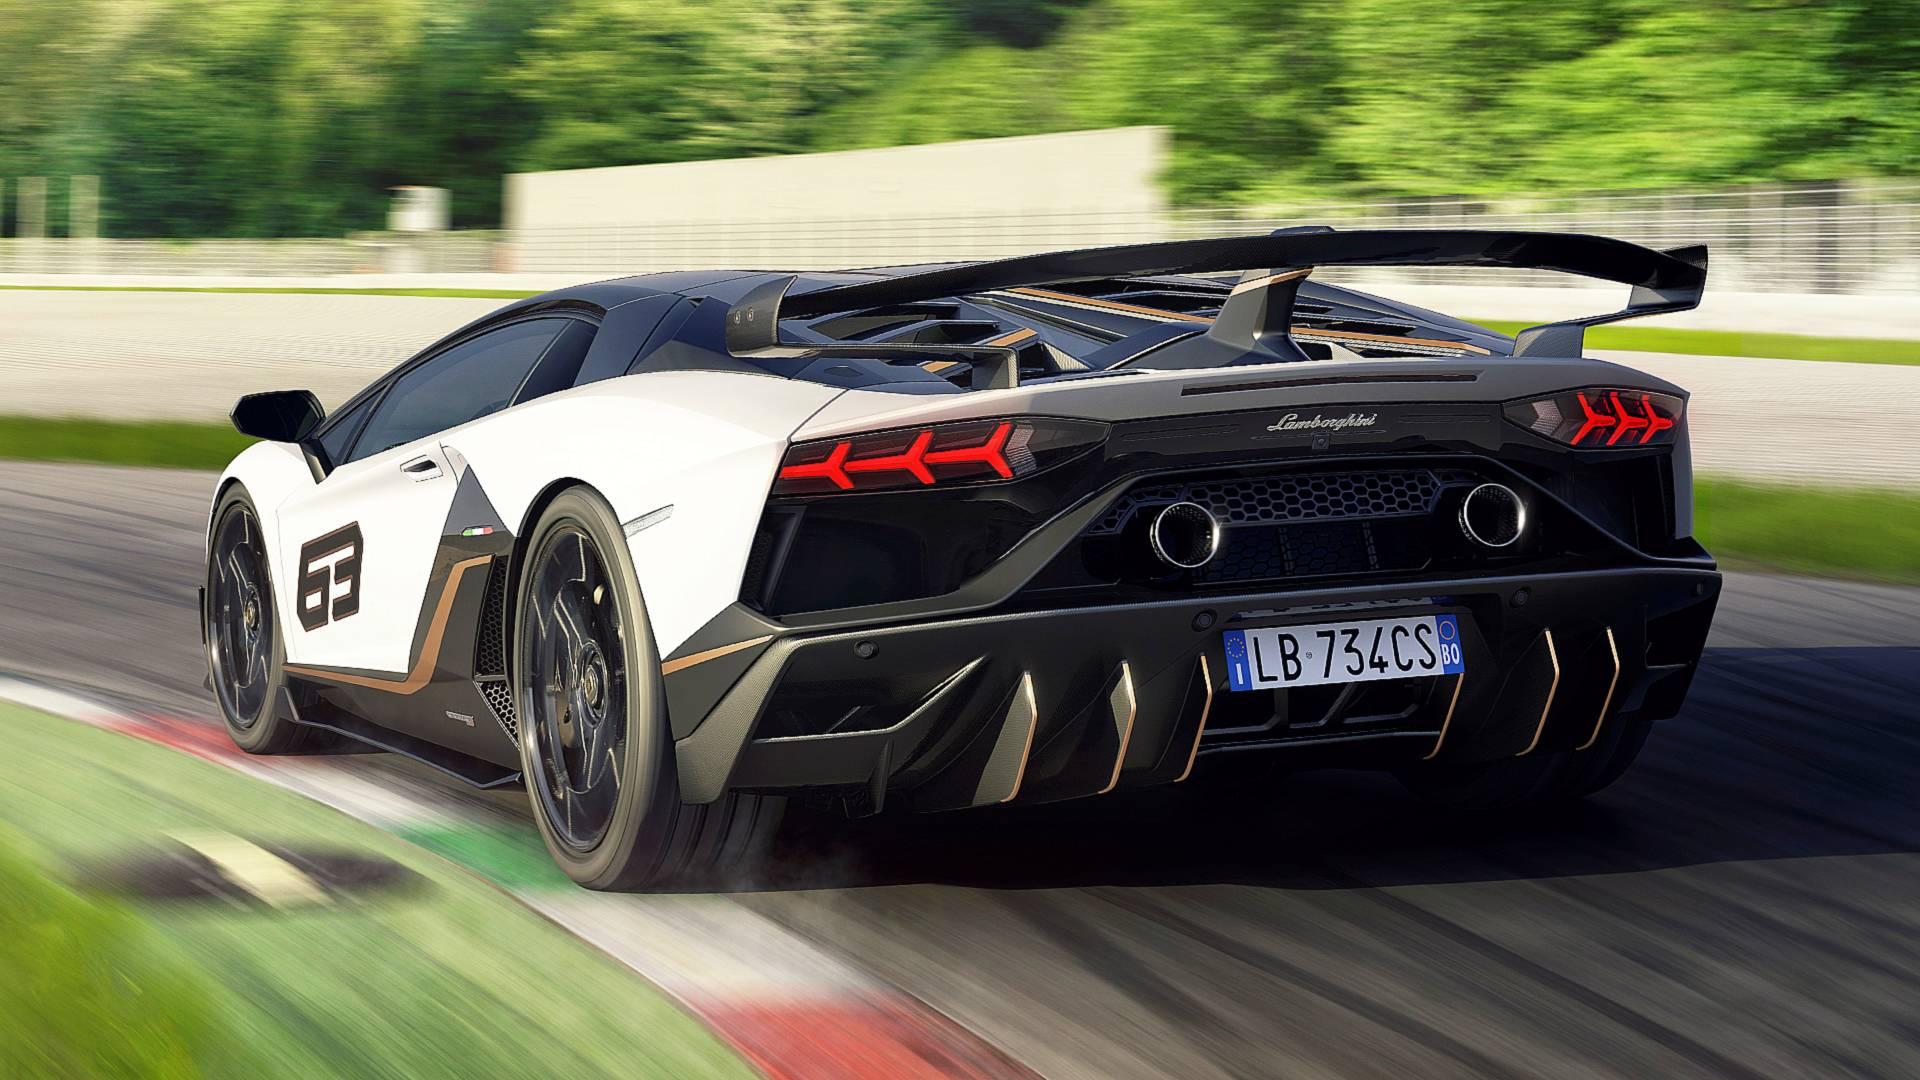 Lamborghini Urus Cena Zl